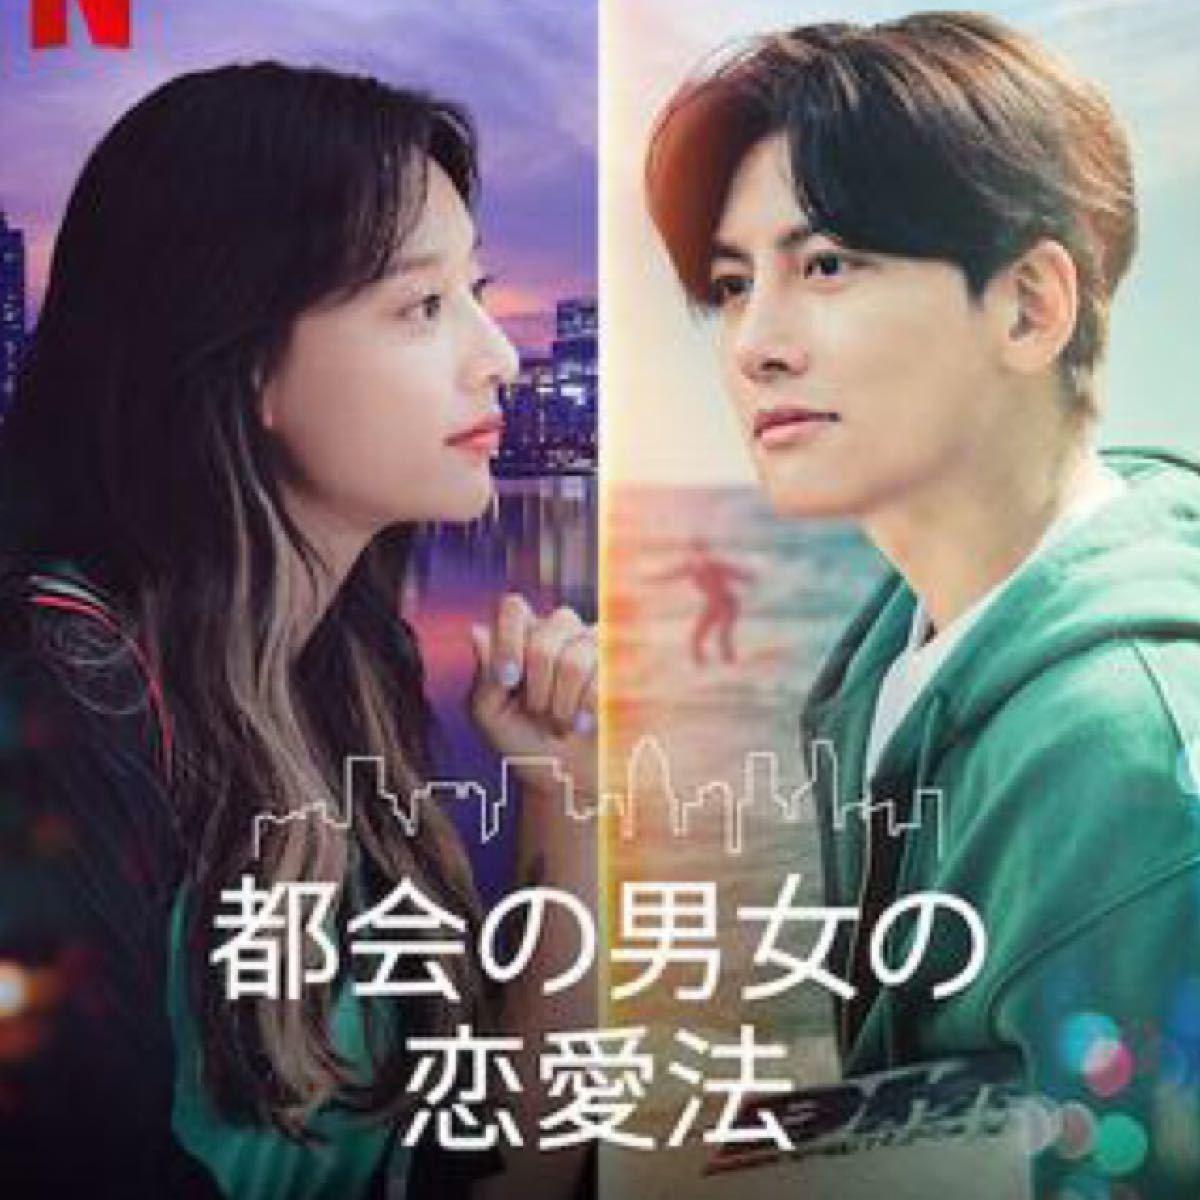 【都会の男女の恋愛法】Blu-ray 韓国ドラマ 韓流